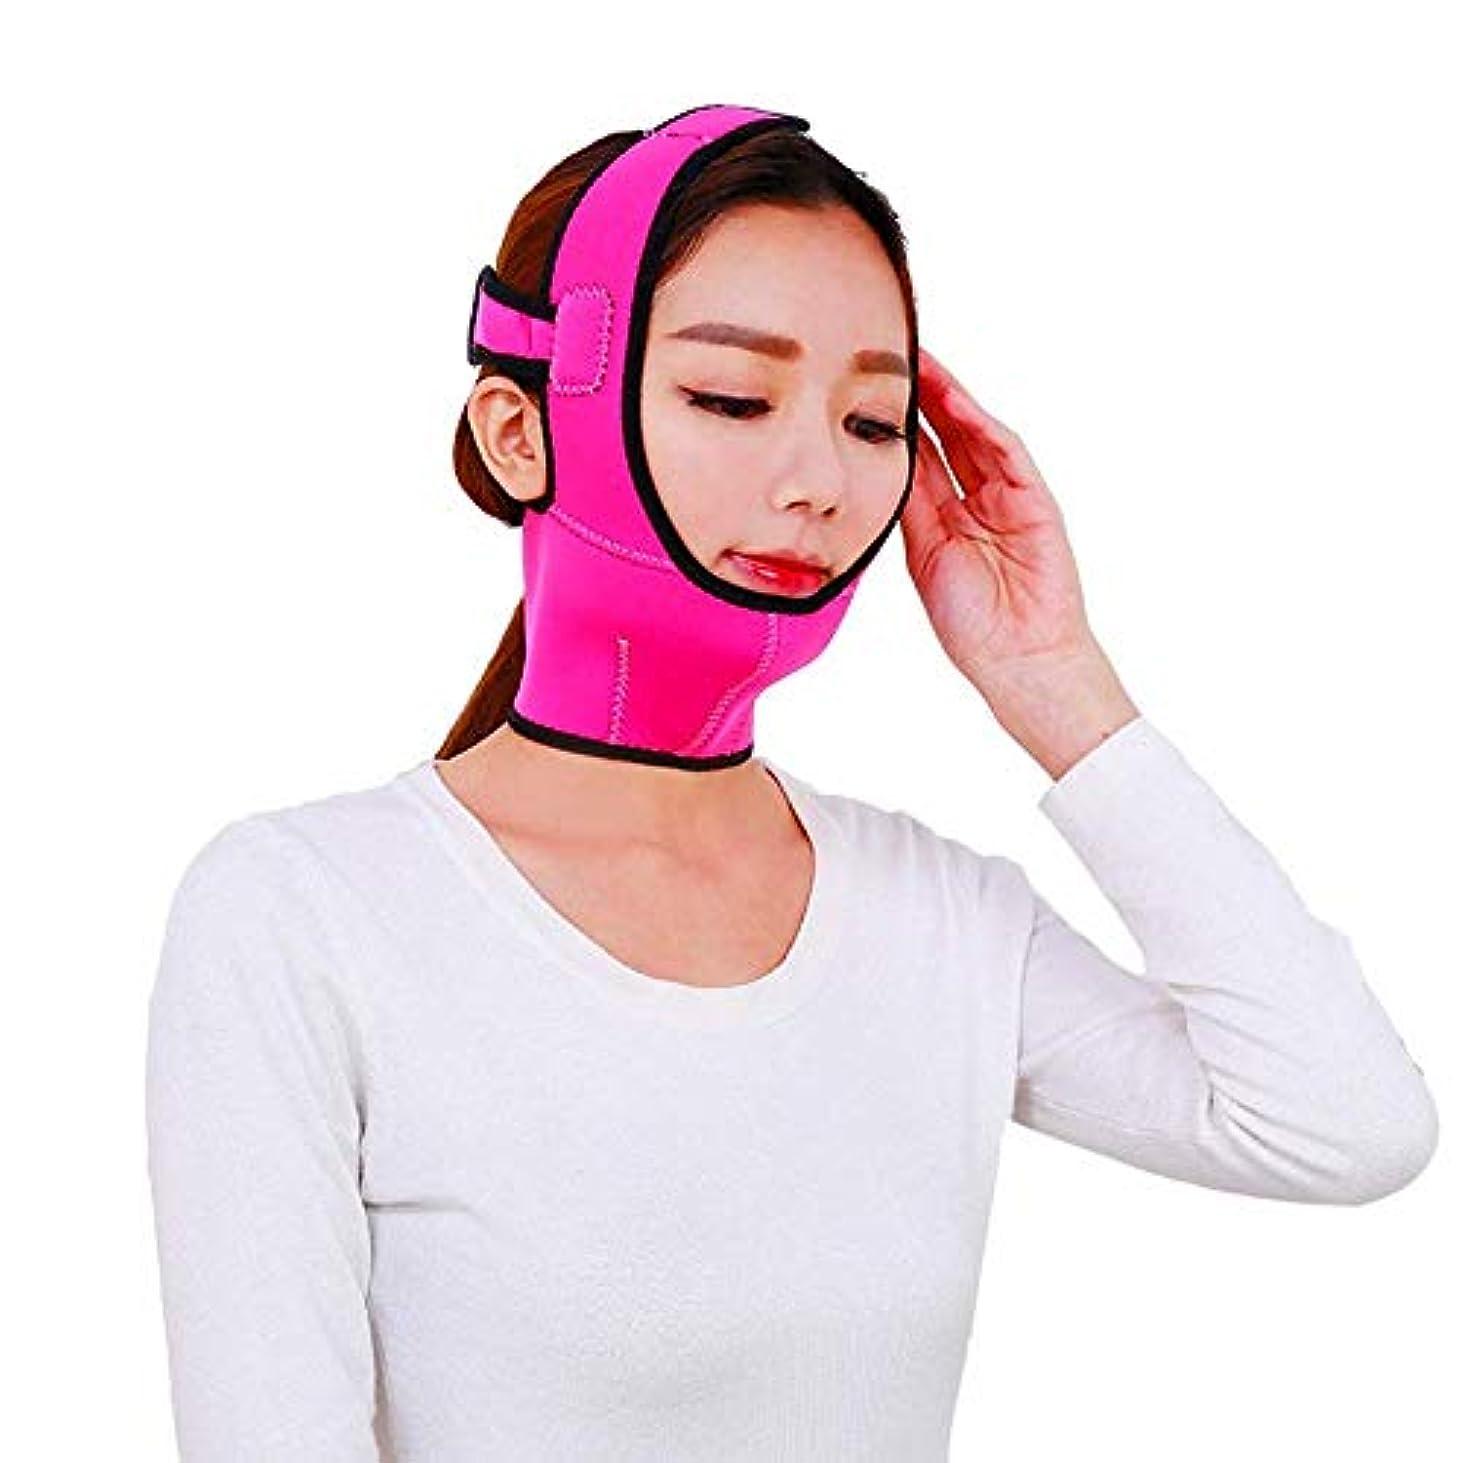 ペルソナ遺棄されたリッチ二重あごの顔の持ち上がるマスクVfaceの顔の小さい顔の持ち上がる用具をきつく締める通気性の顔の持ち上がる包帯